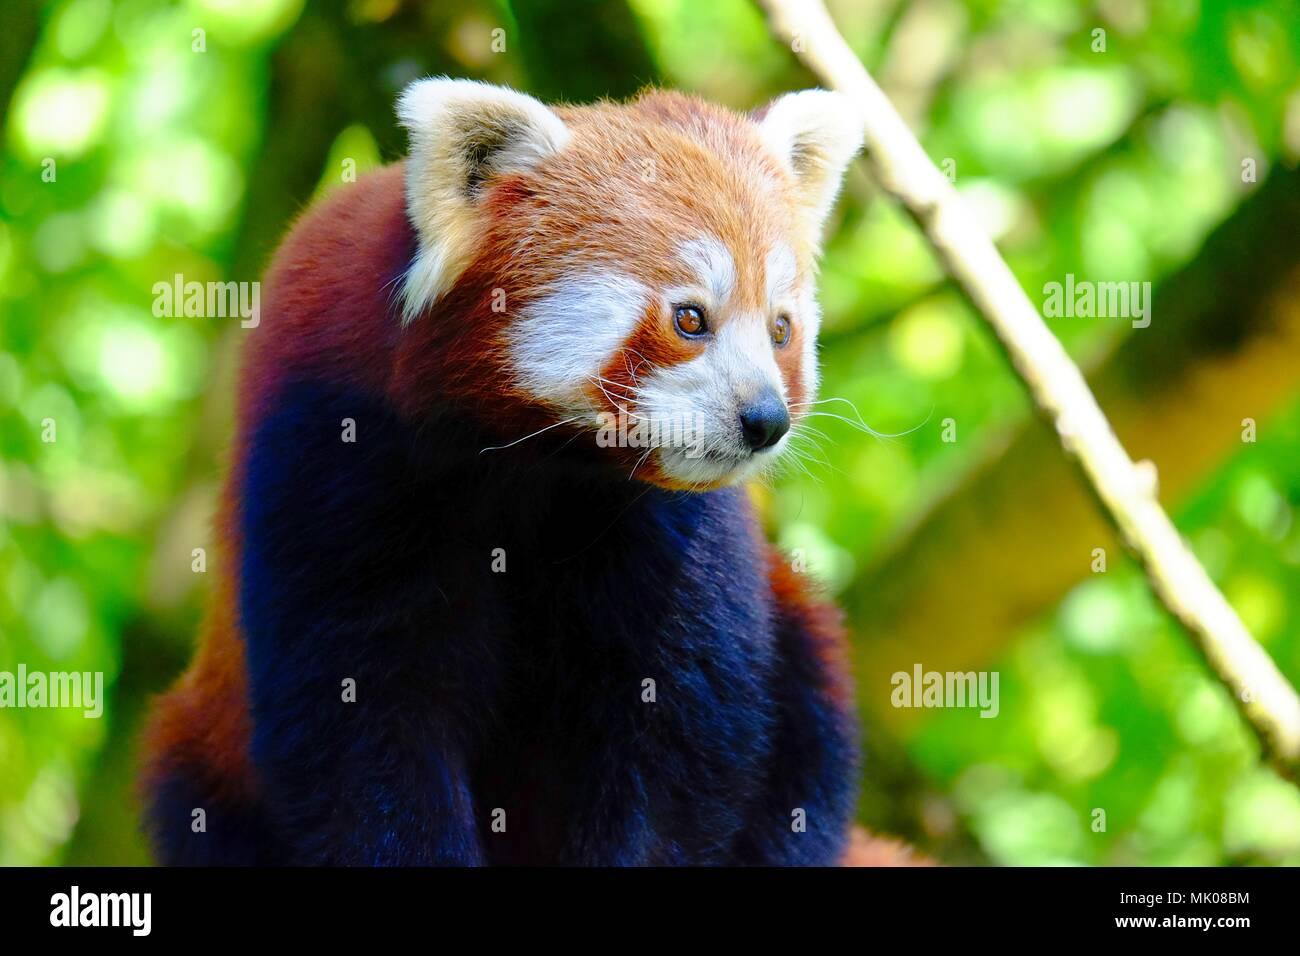 Panda, einem kleinen asiatischen tragen, auf einen Baum geklettert Stockbild